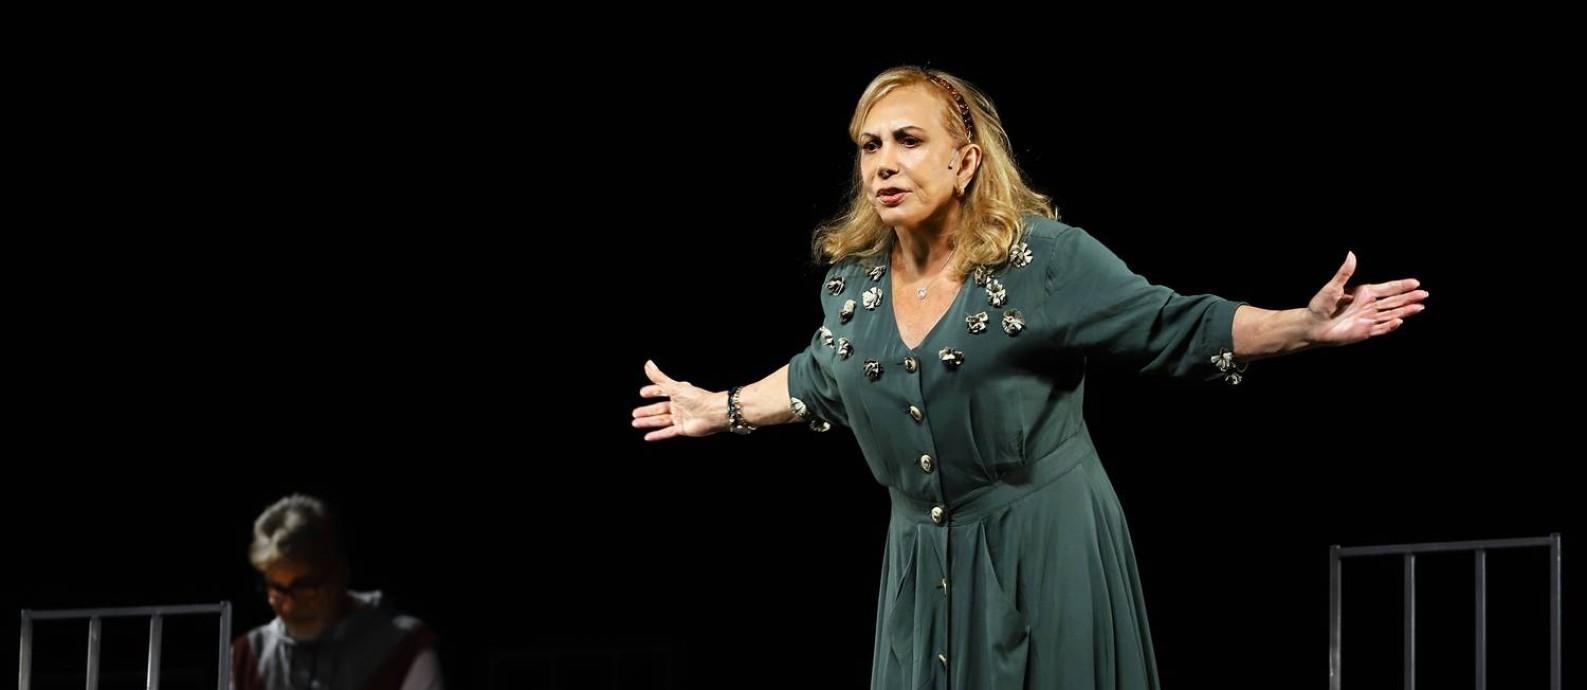 Arlete Salles em cena da peça 'Ninguém dirá que é tarde demais' Foto: Guga Melgar / Divulgação